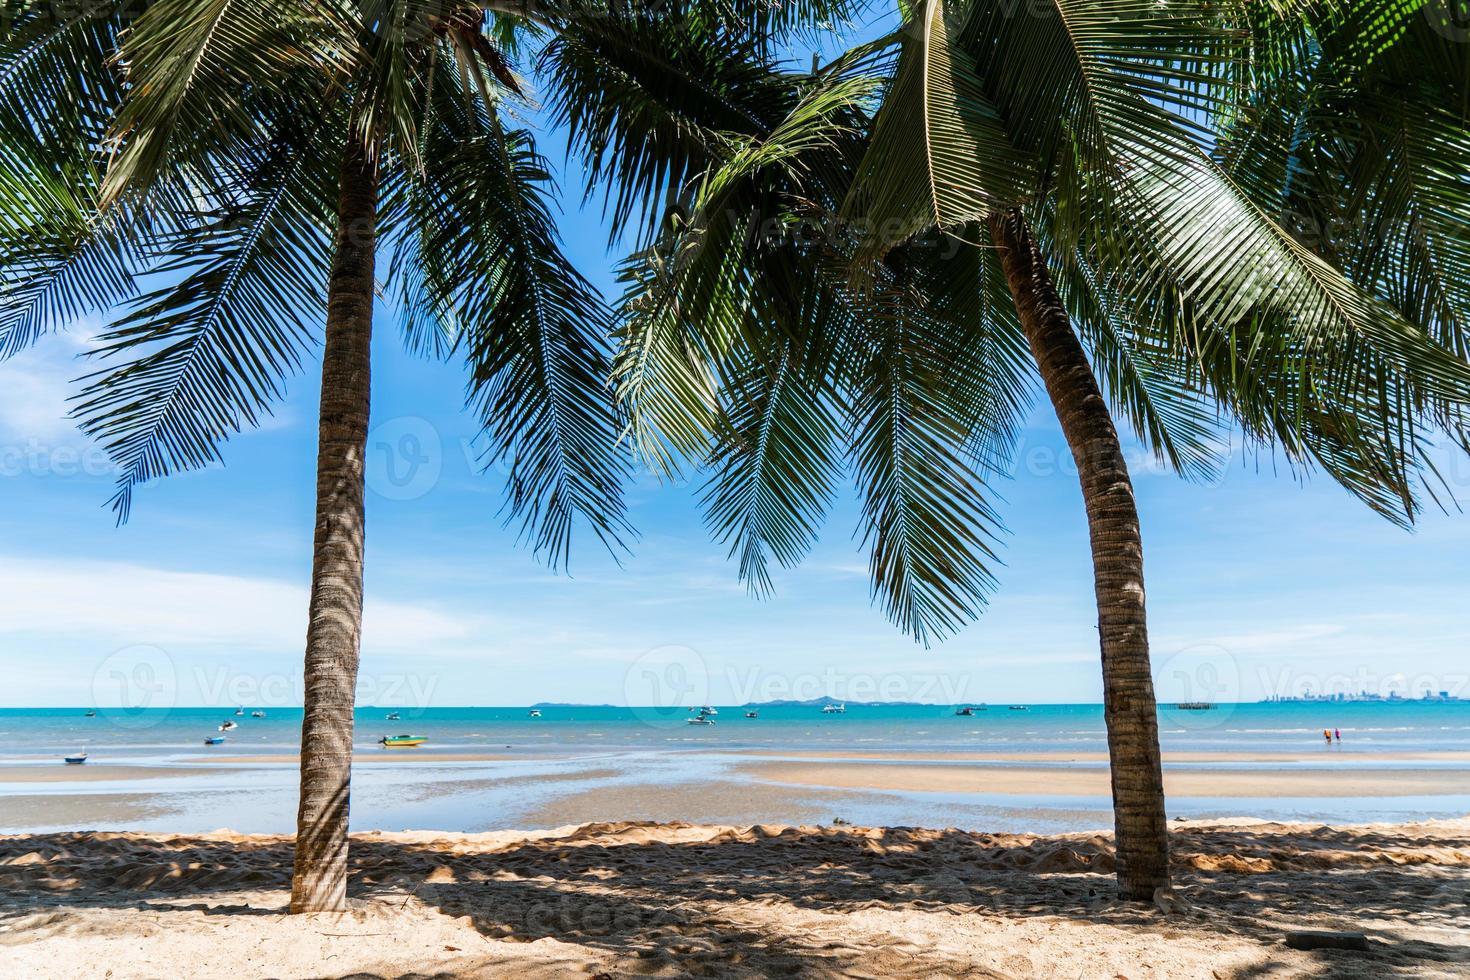 cocotier et paysage plage avec ciel bleu pour les vacances d'été photo